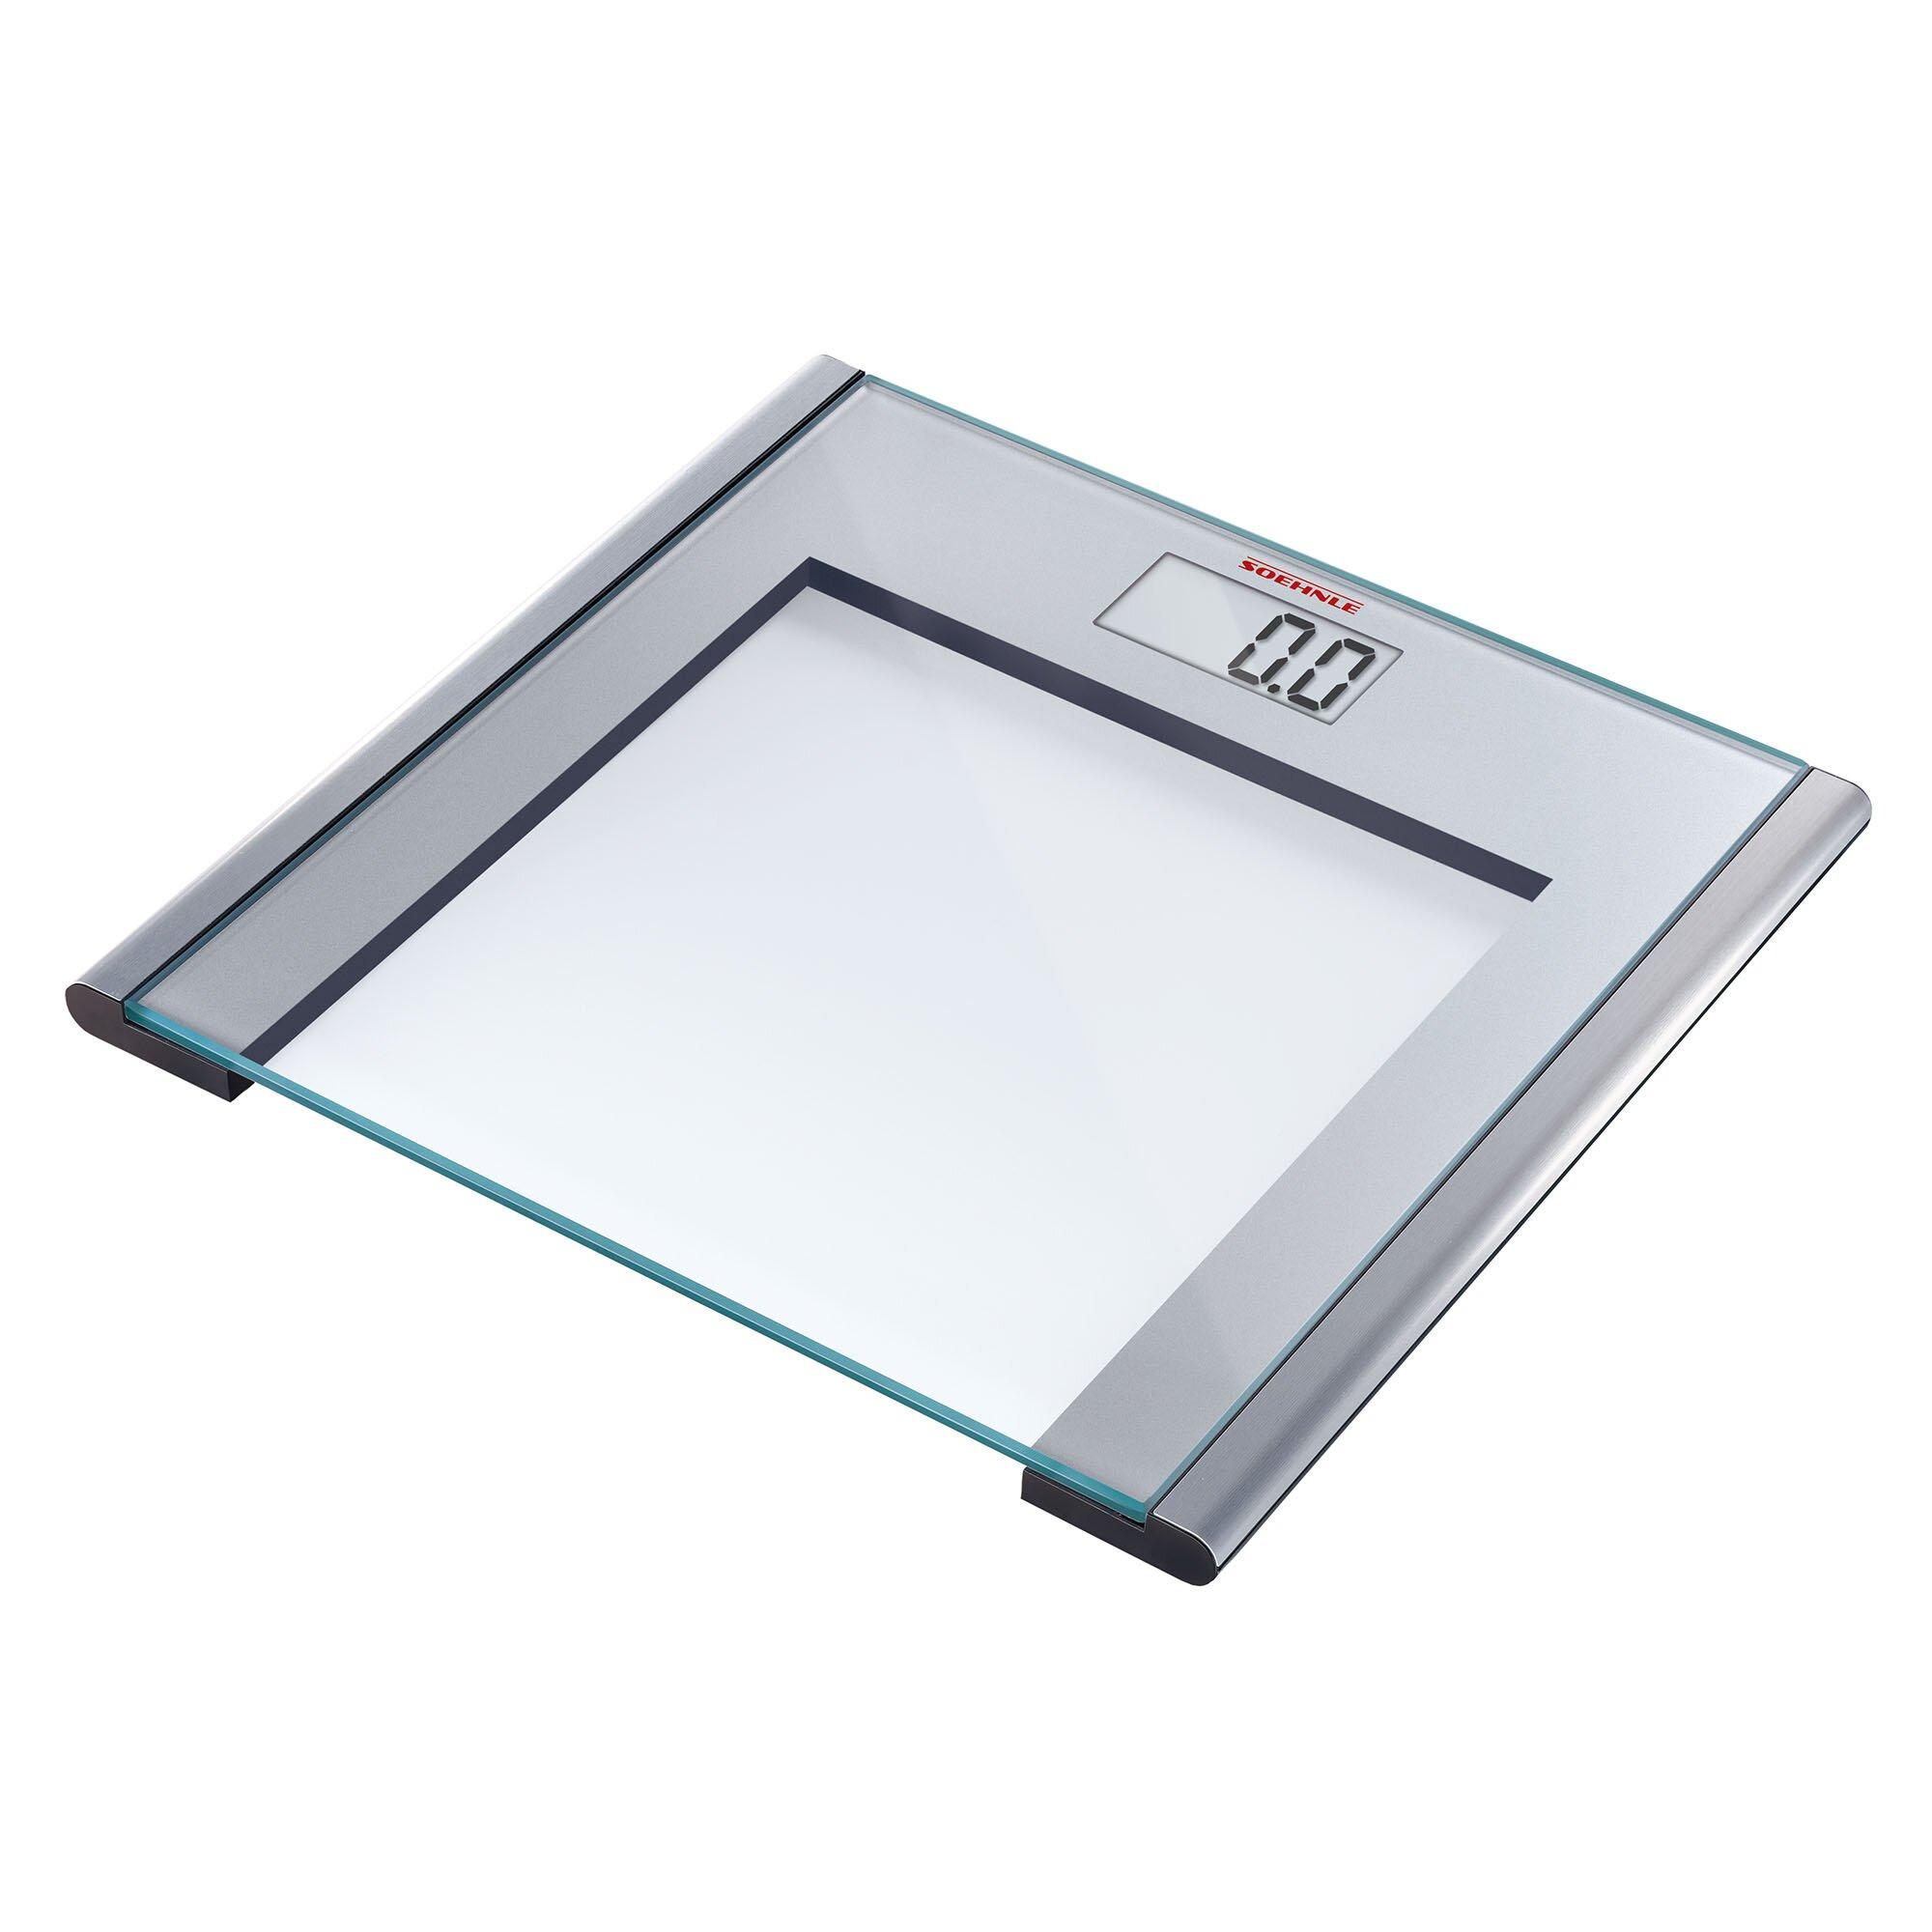 Review Bathroom Scales: Soehnle Silver Sense Precision Digital Bathroom Scale